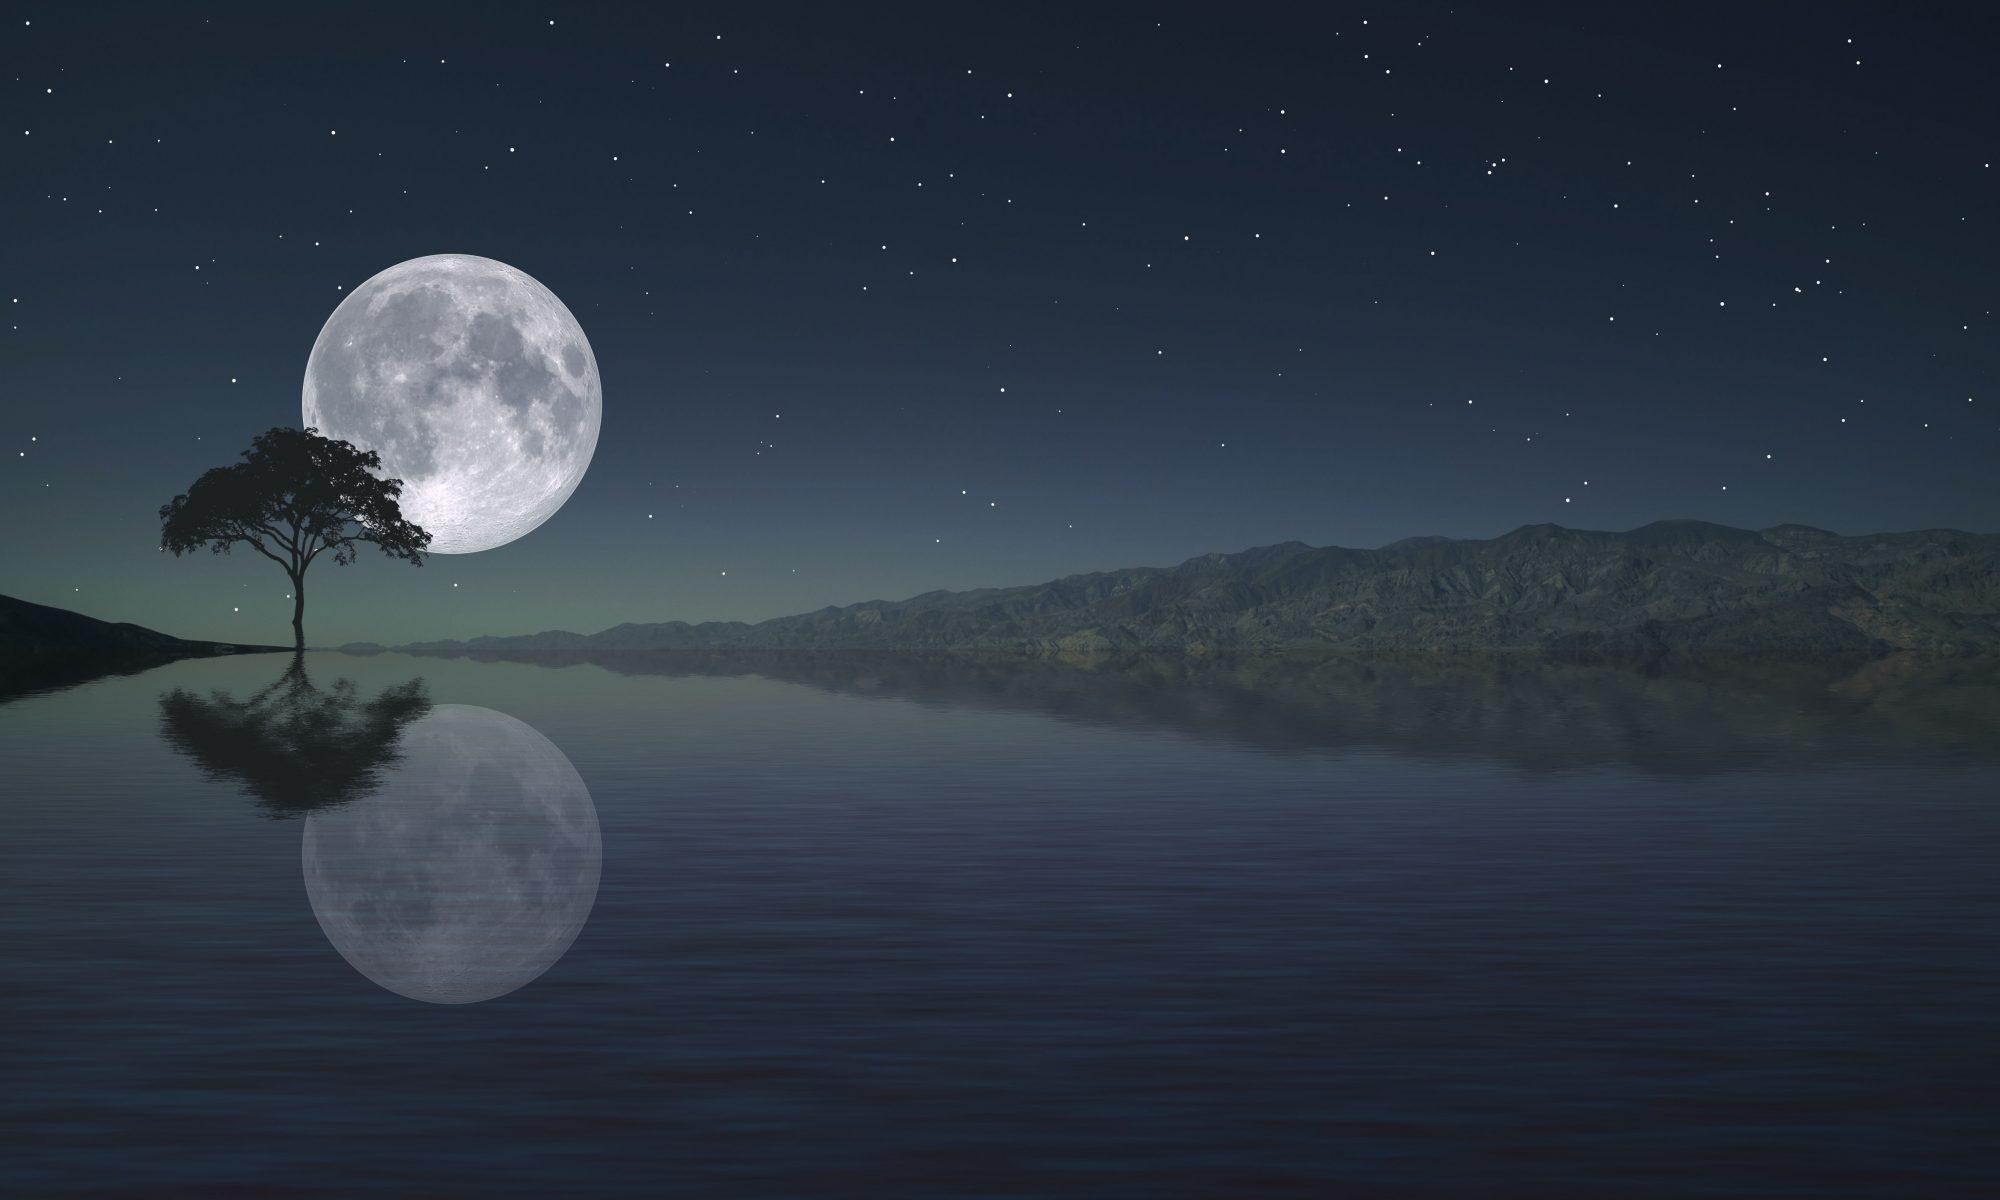 lago y luna - Mushin